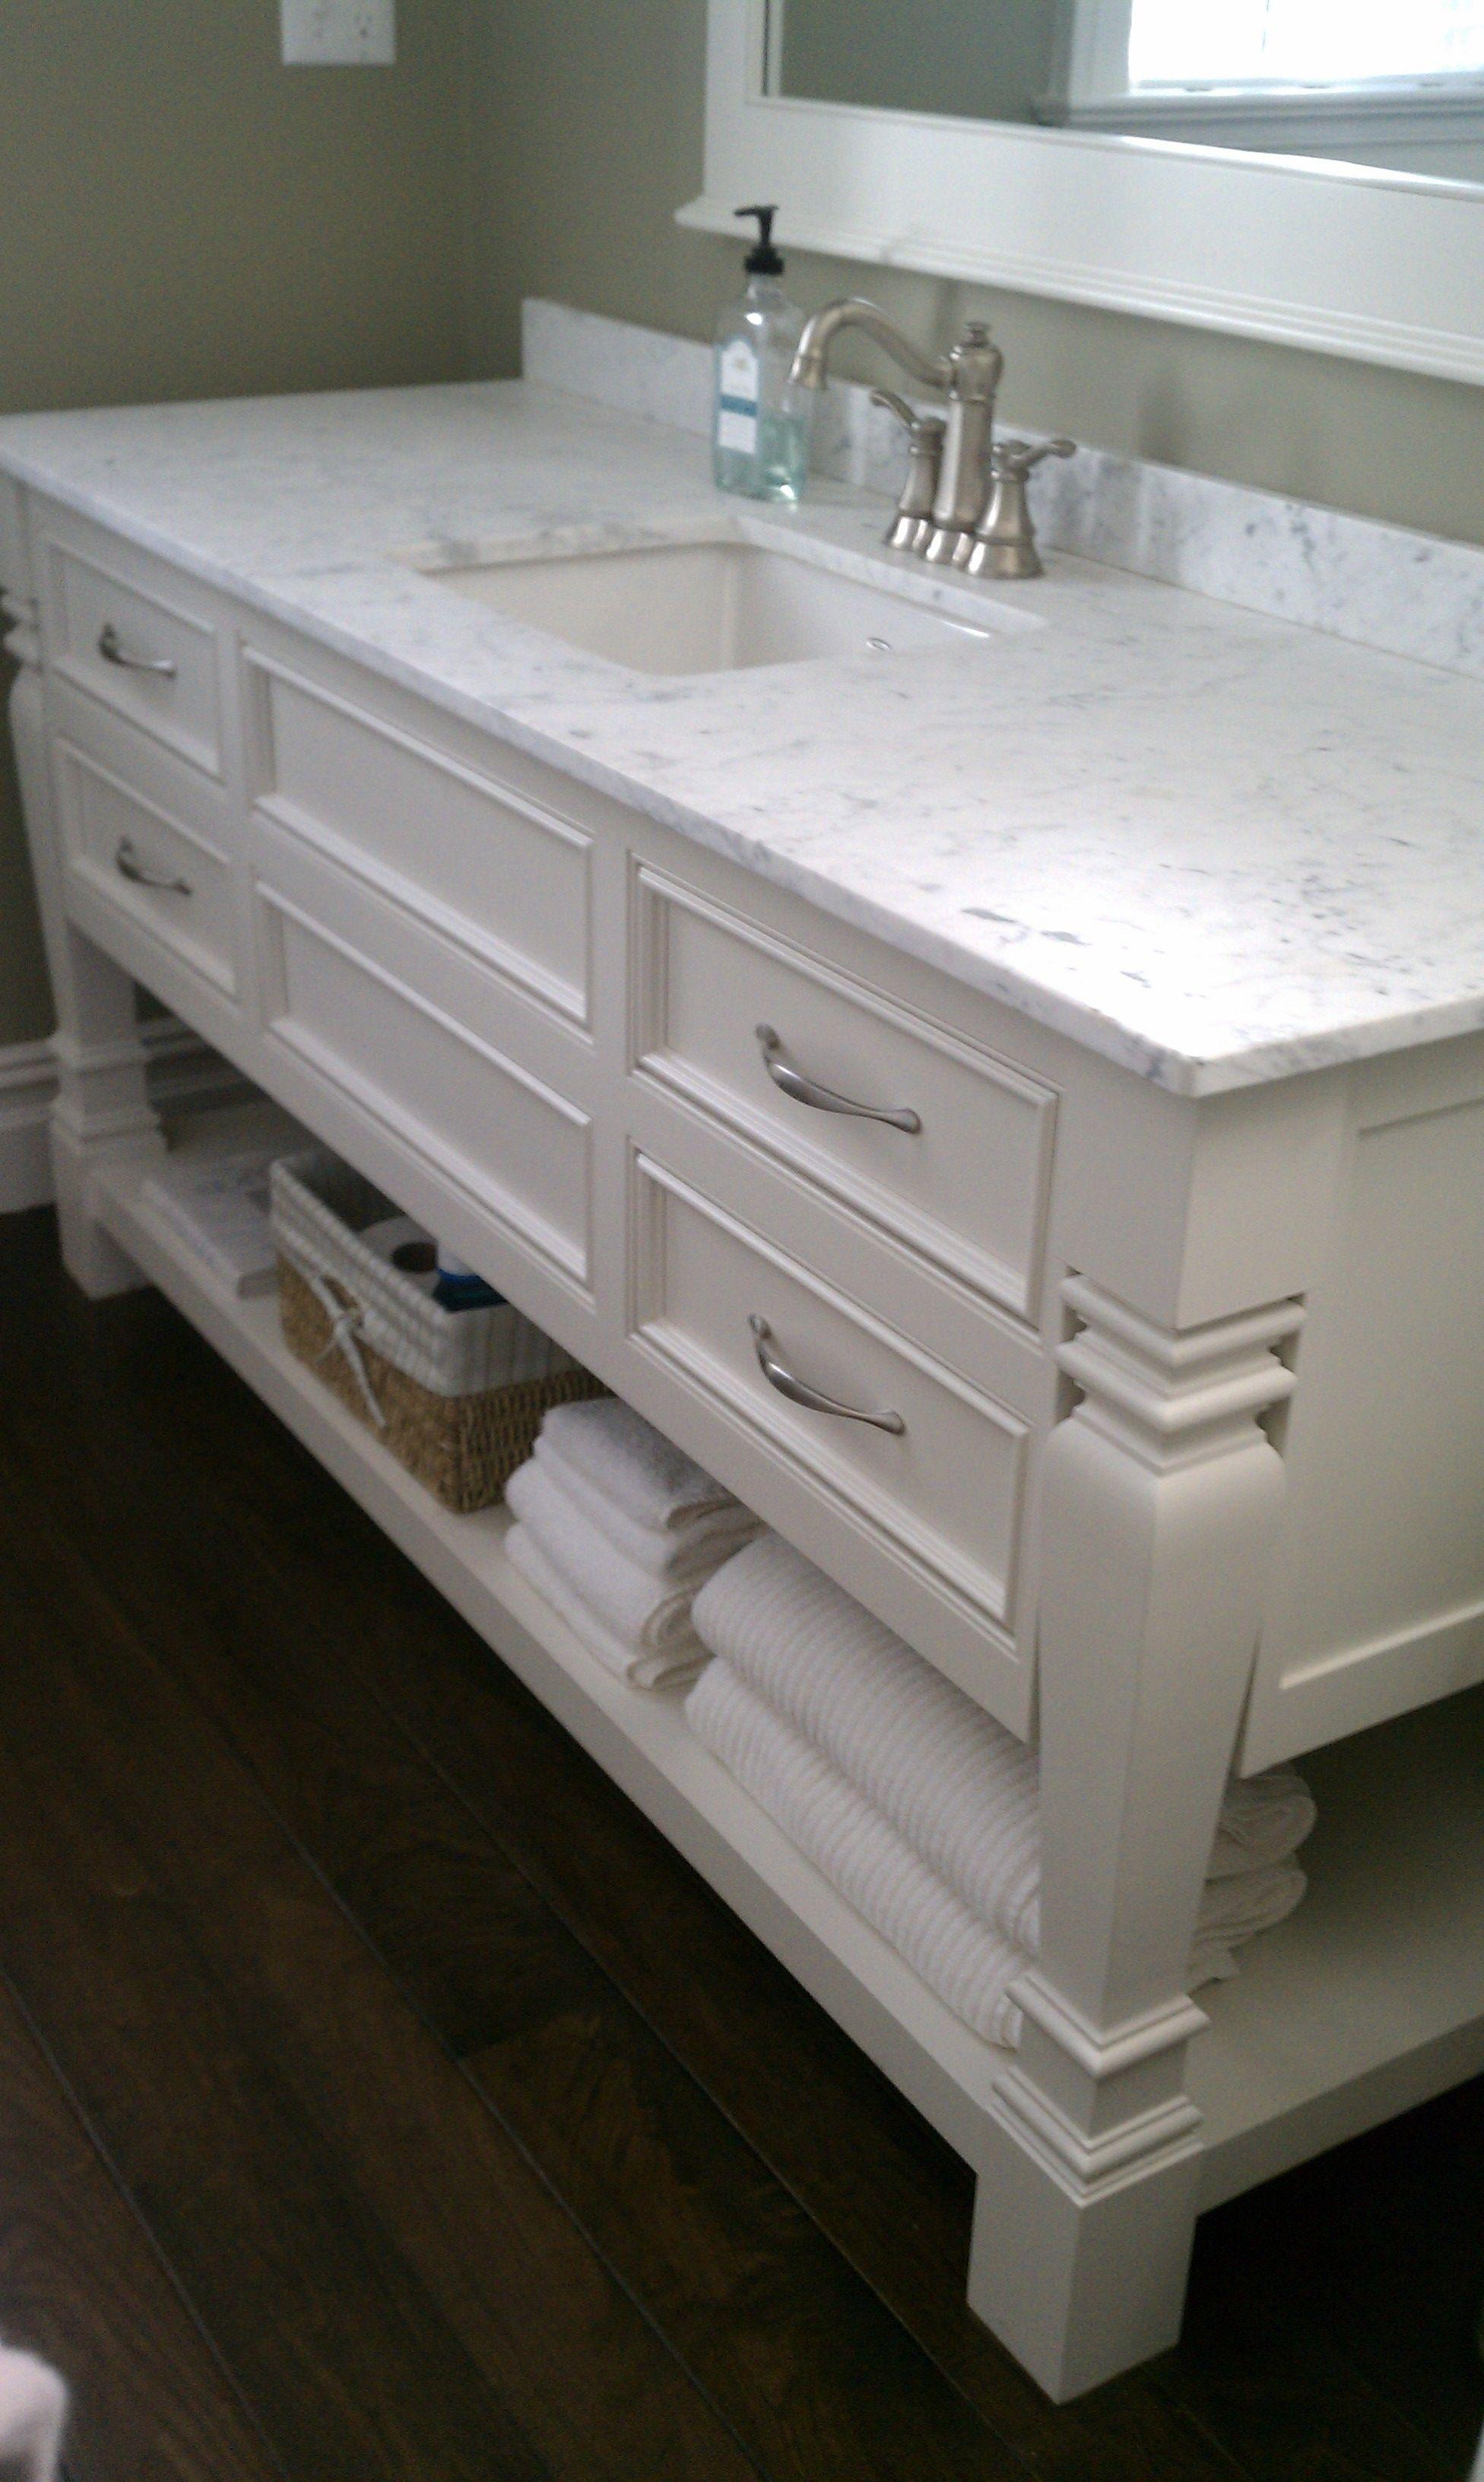 White Bathroom Vanity Guest Bathroom Beach House Open Bottom Vanity Mable Top Single Sink Dar Types Of Wood Flooring Hardwood Floors Dark Hardwood Floors